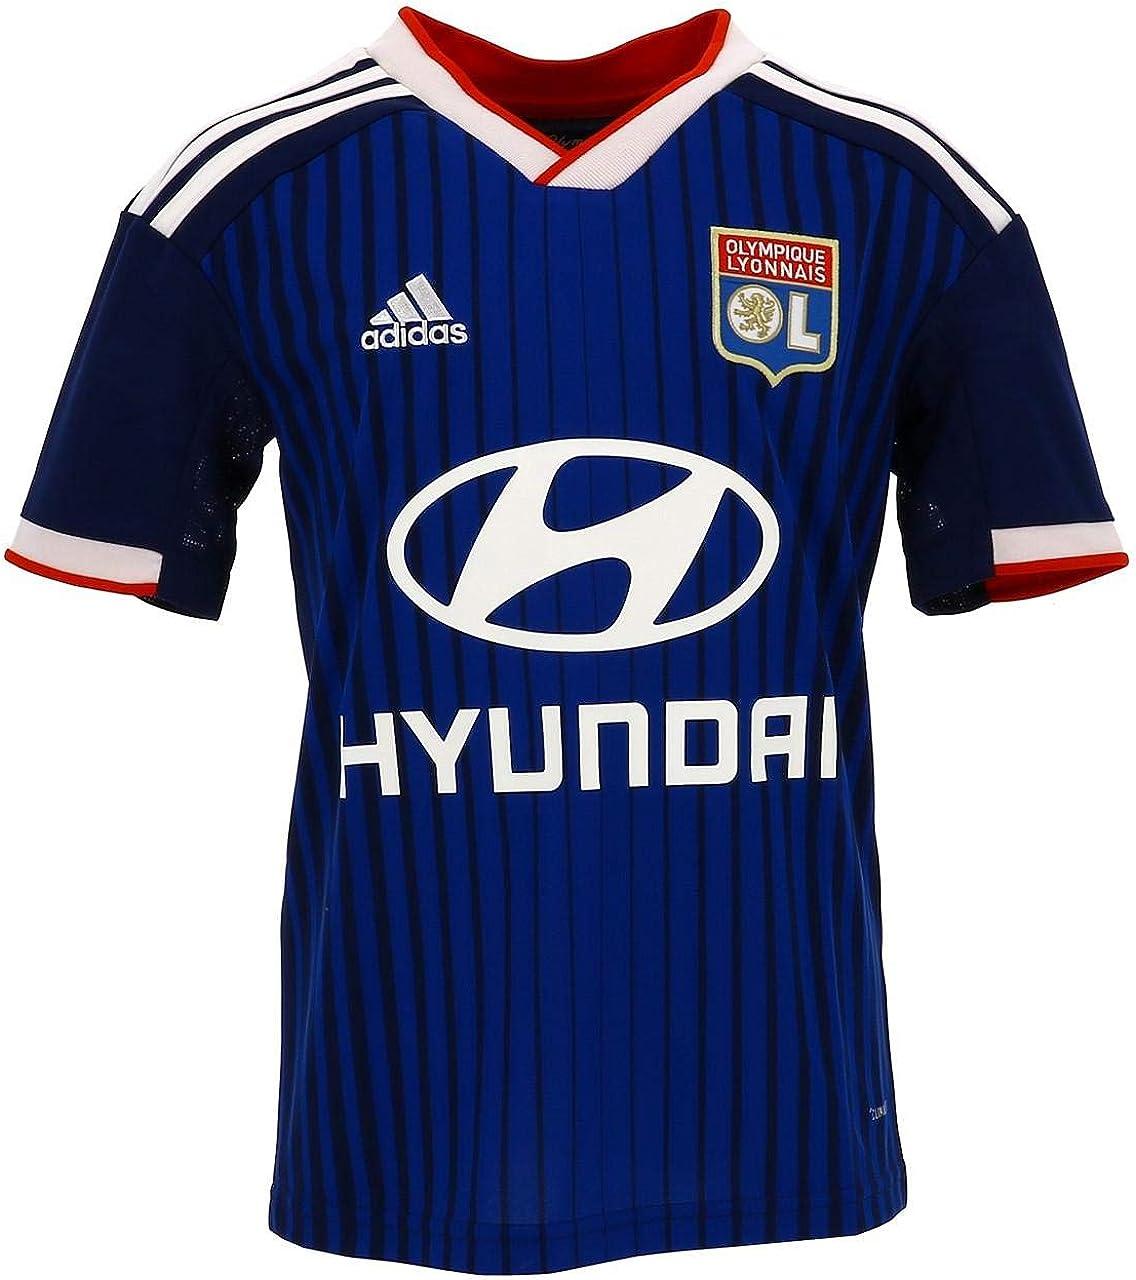 Temporizador morfina Molestar  Amazon.com : adidas 2019-2020 Olympique Lyon Away Football Soccer T-Shirt  Jersey (Kids) : Clothing